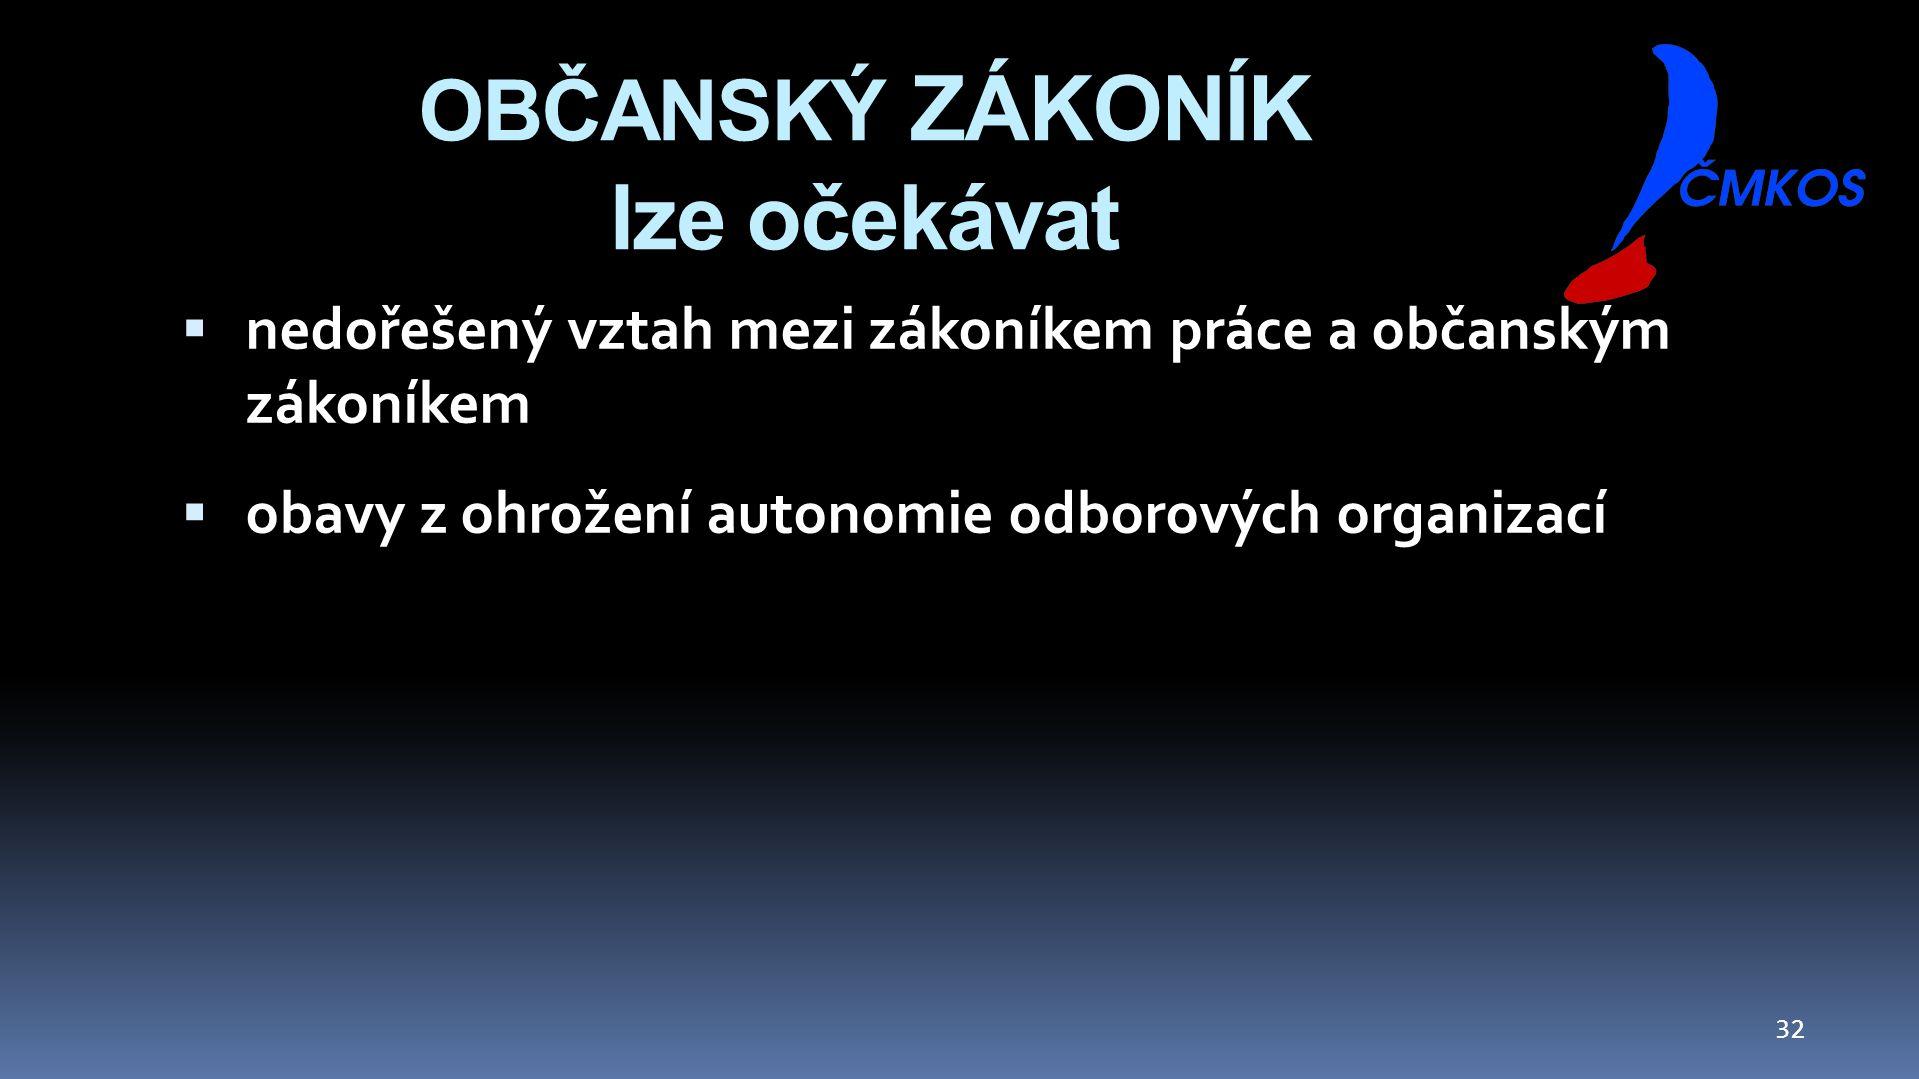 OBČANSKÝ ZÁKONÍK lze očekávat  nedořešený vztah mezi zákoníkem práce a občanským zákoníkem  obavy z ohrožení autonomie odborových organizací 32